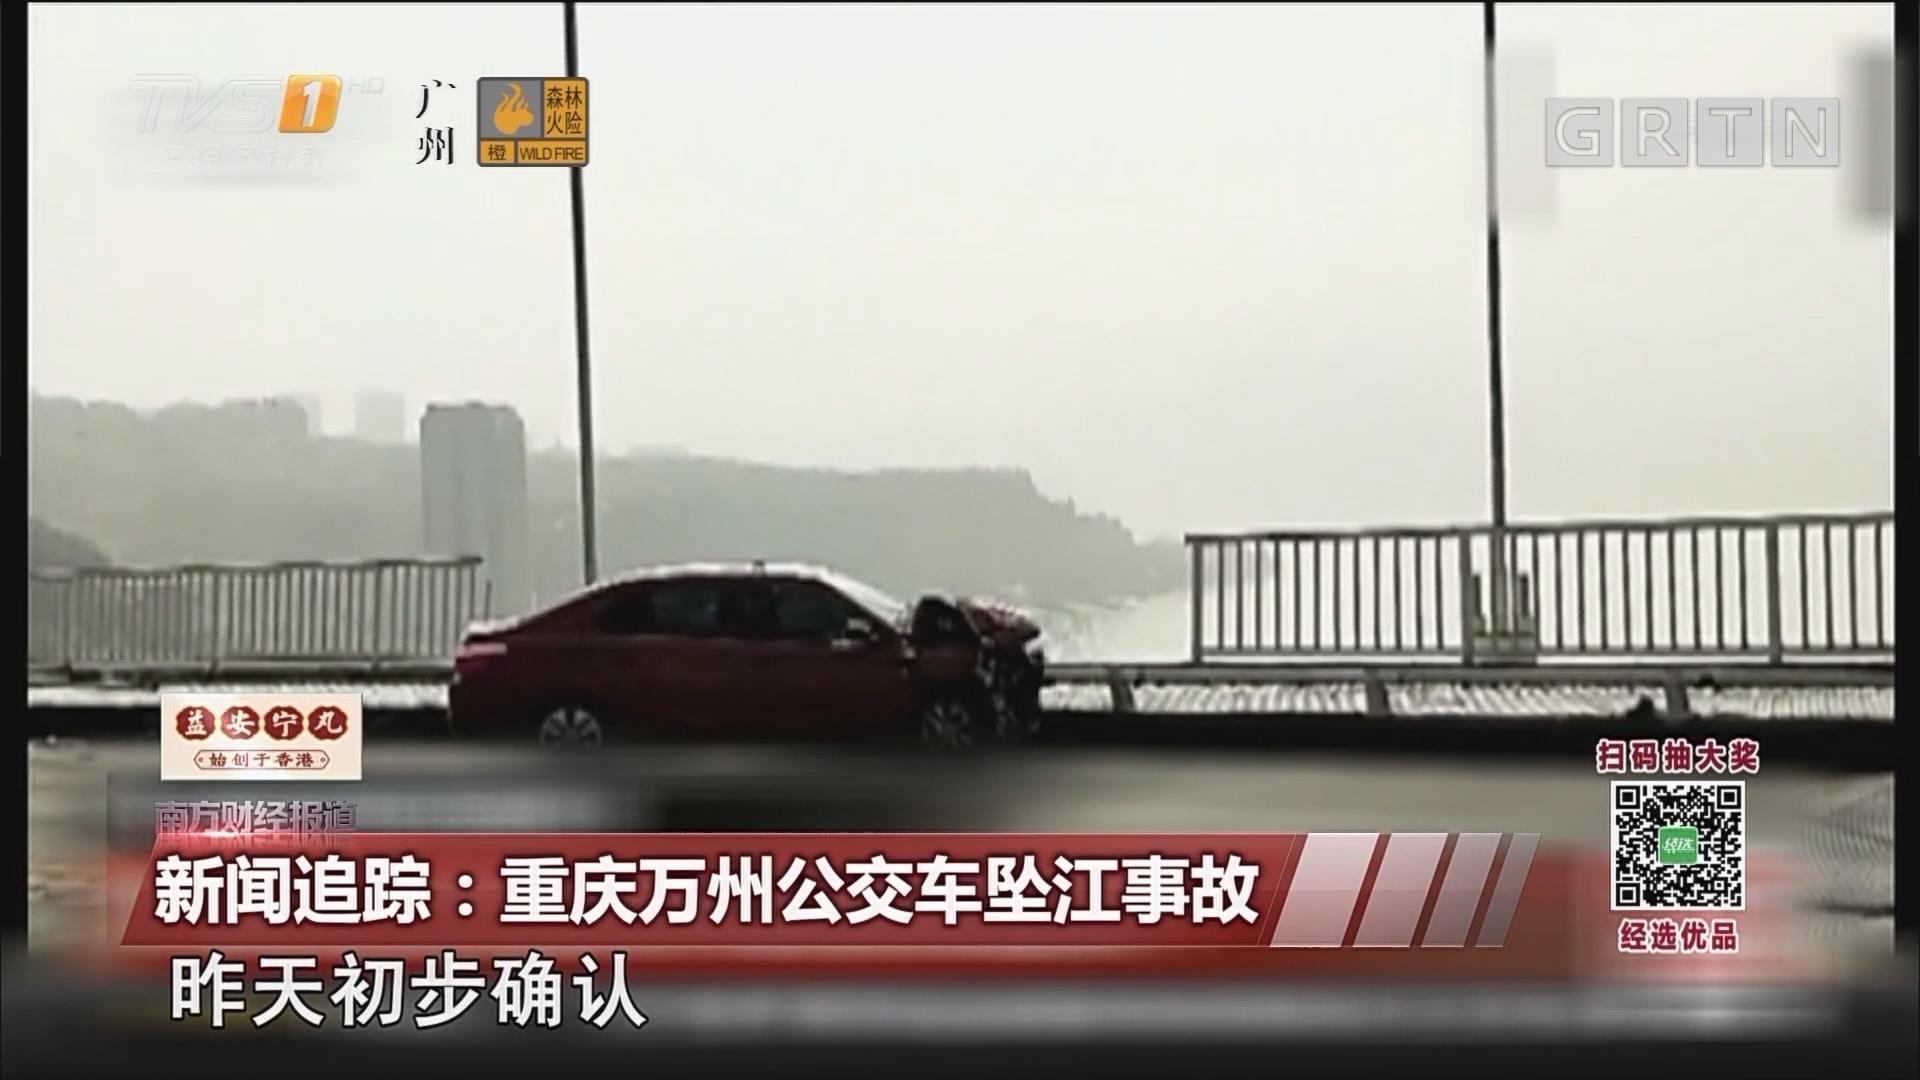 新闻追踪:重庆万州公交车坠江事故